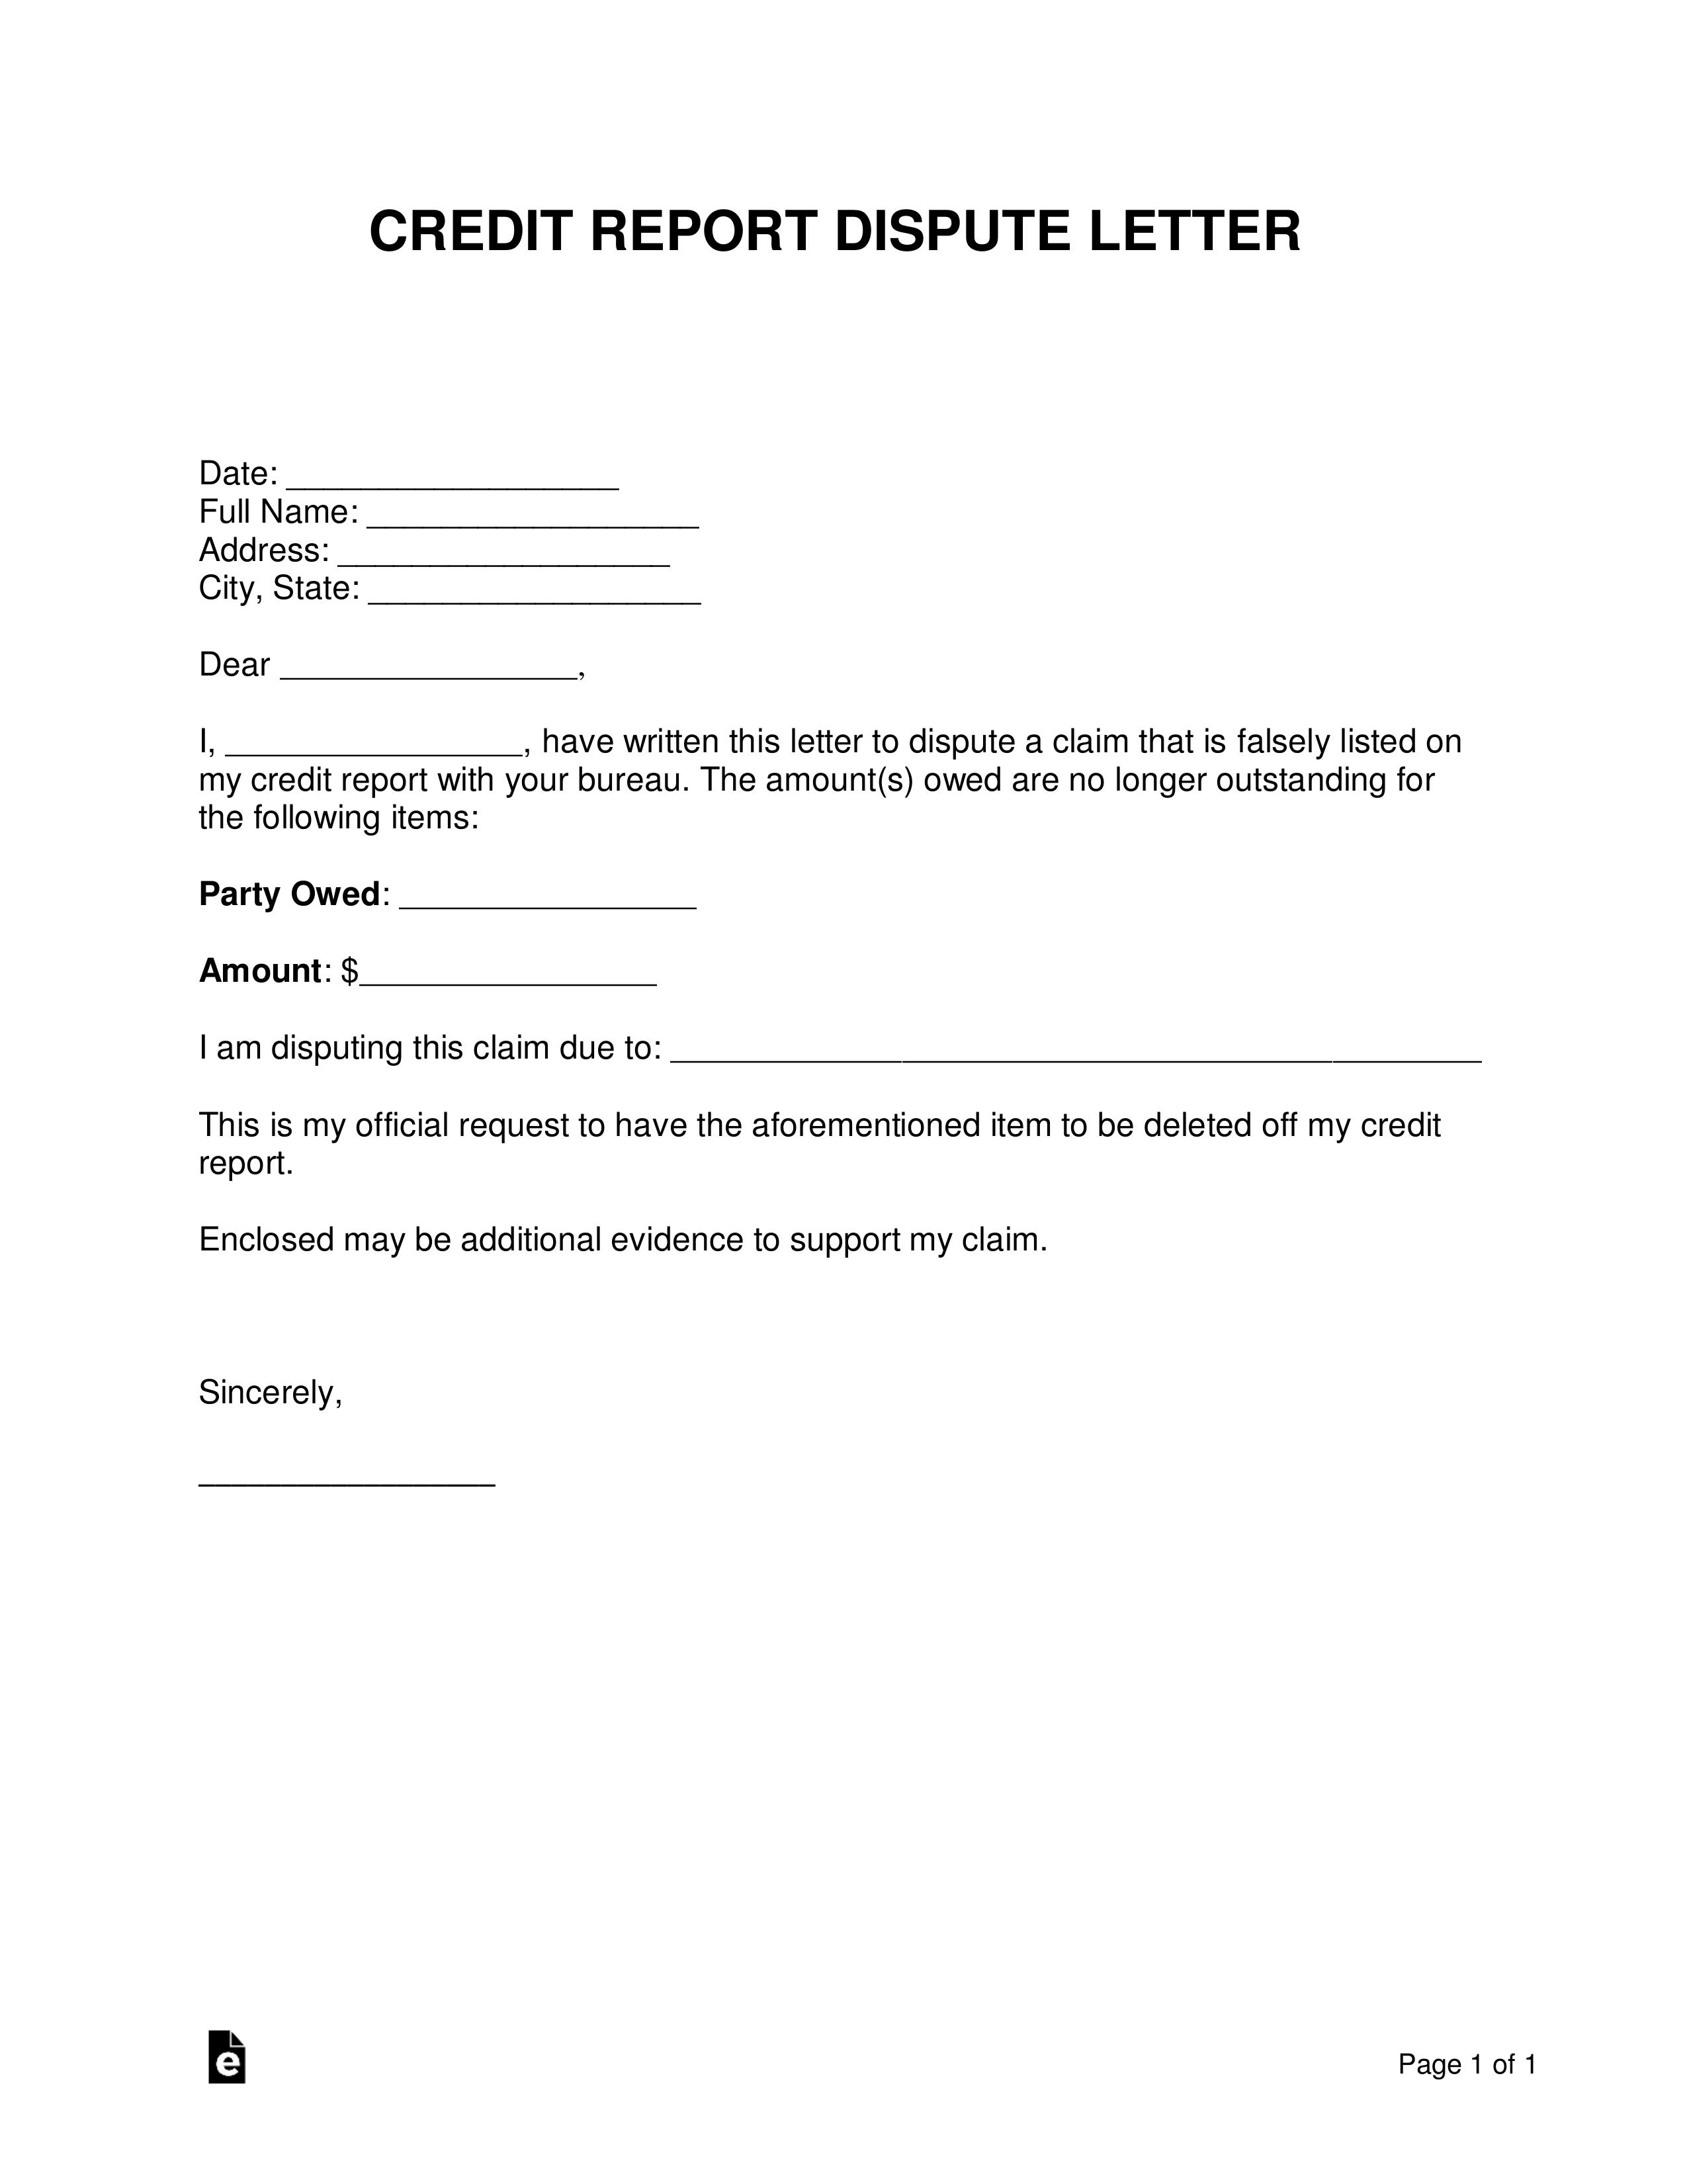 Template Sample Credit Dispute Letter